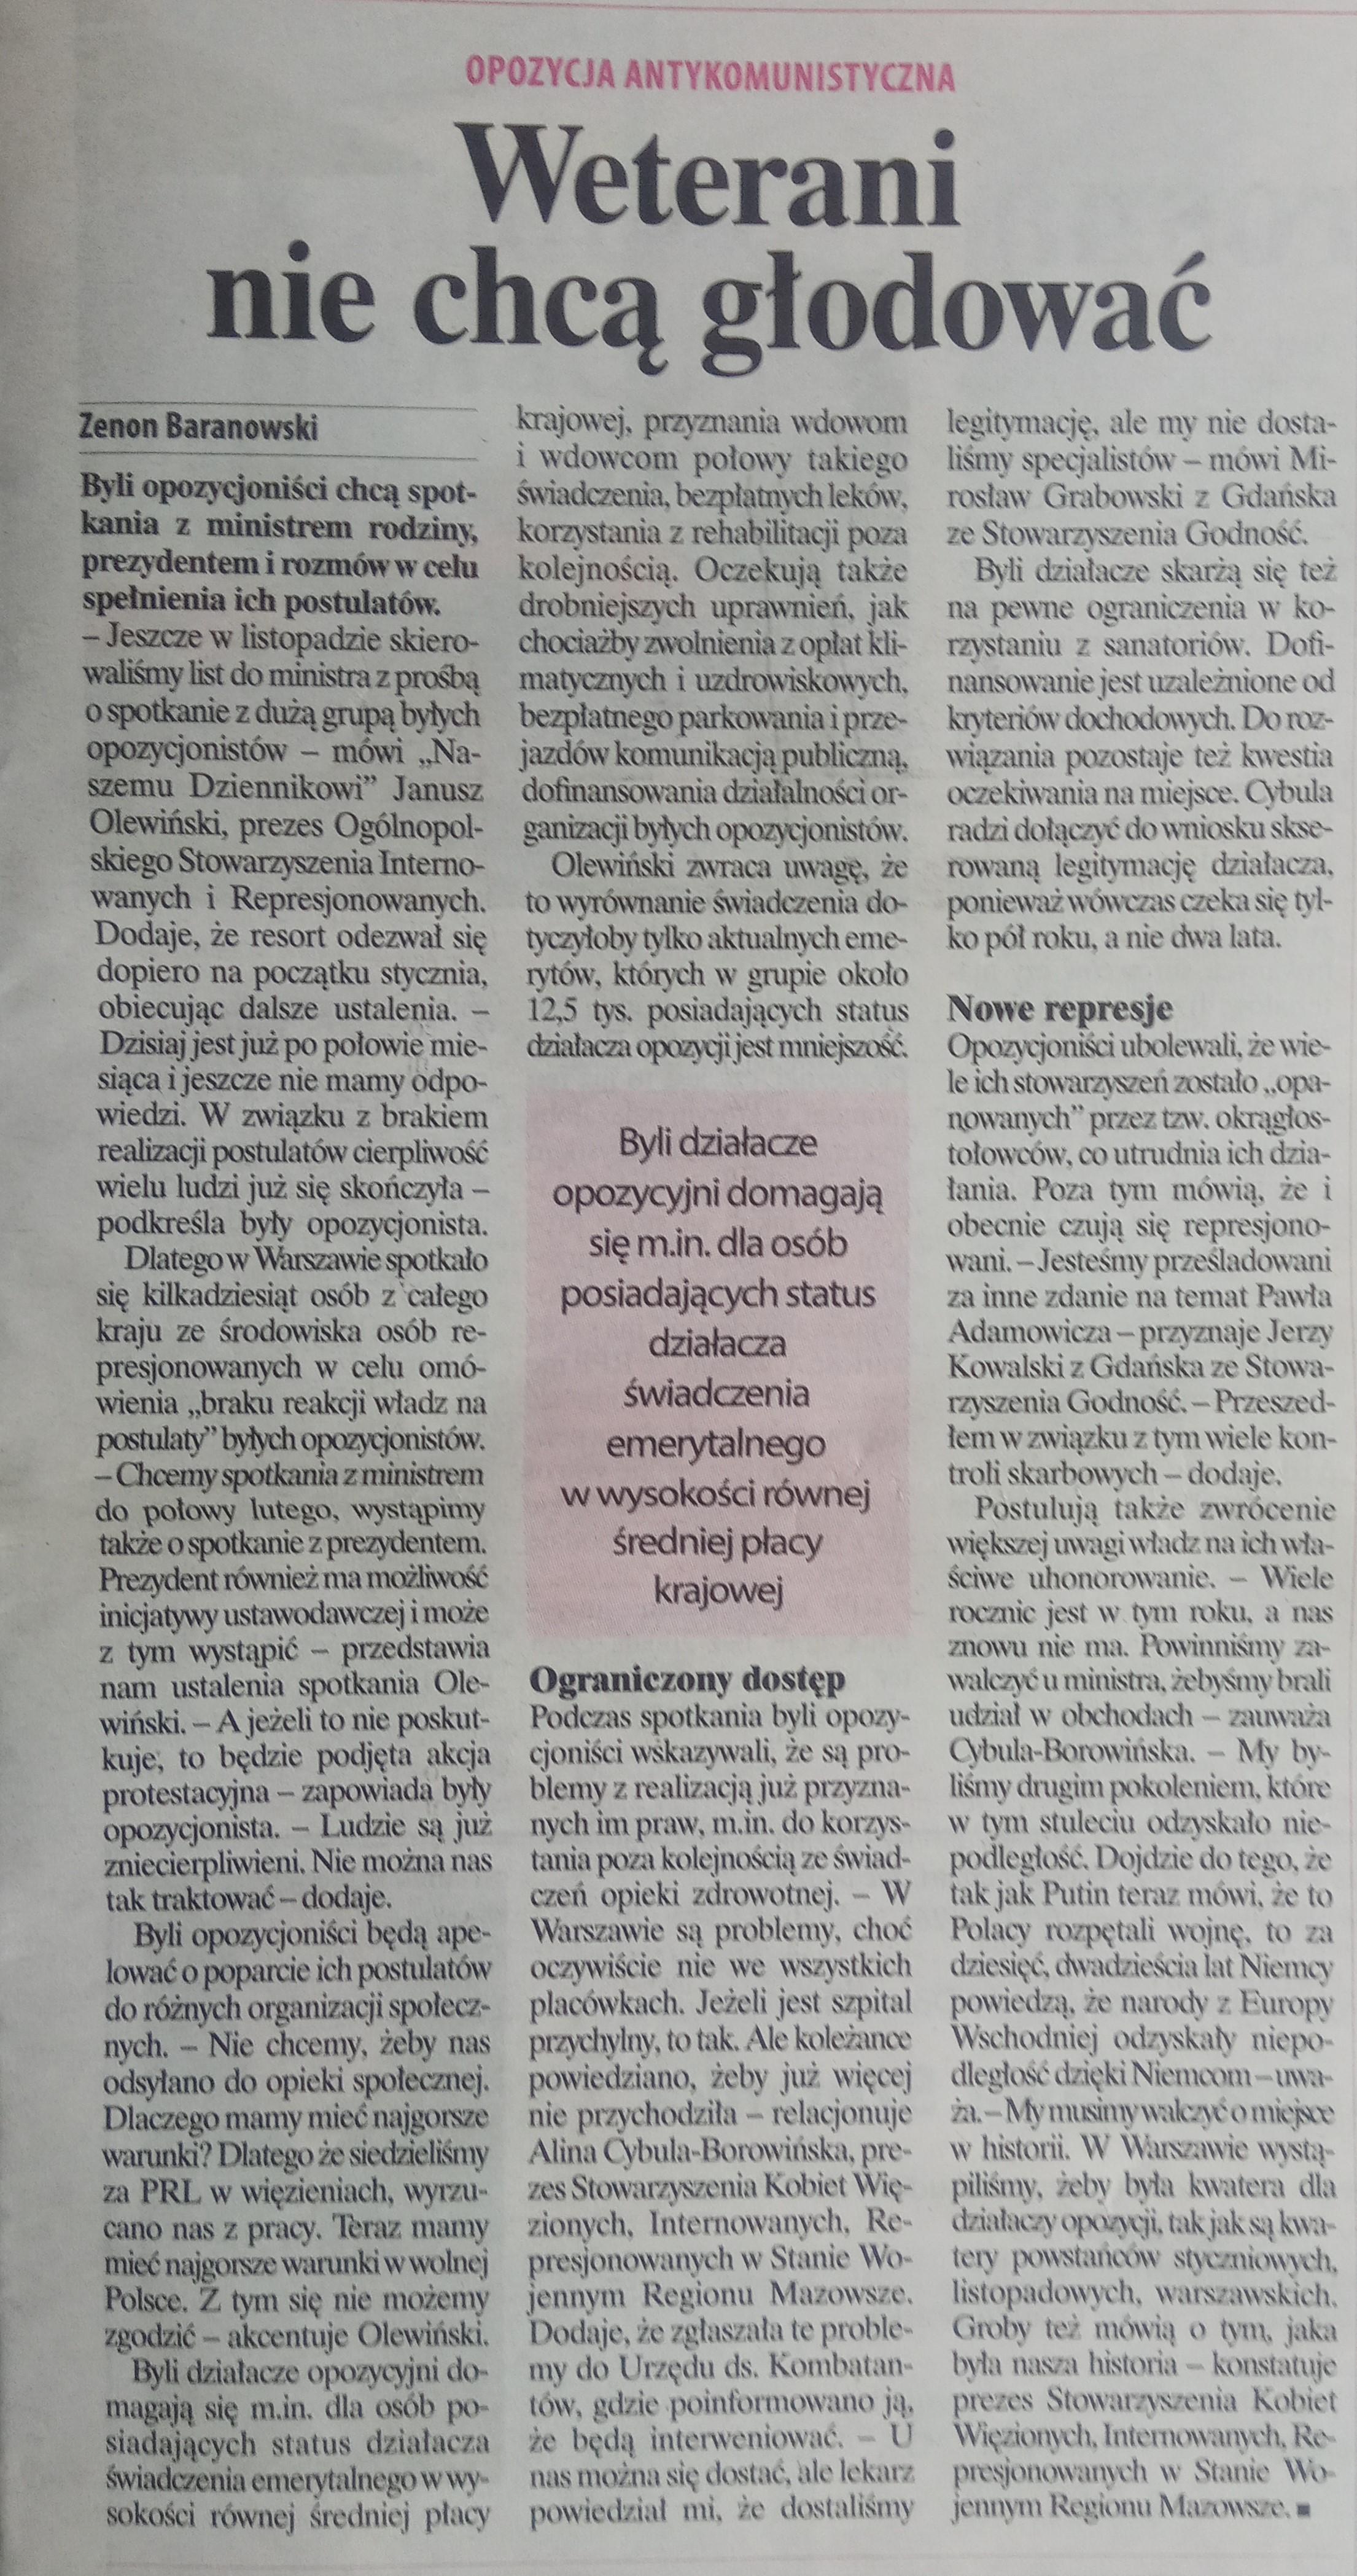 Nasz Dziennik 21.01.2020